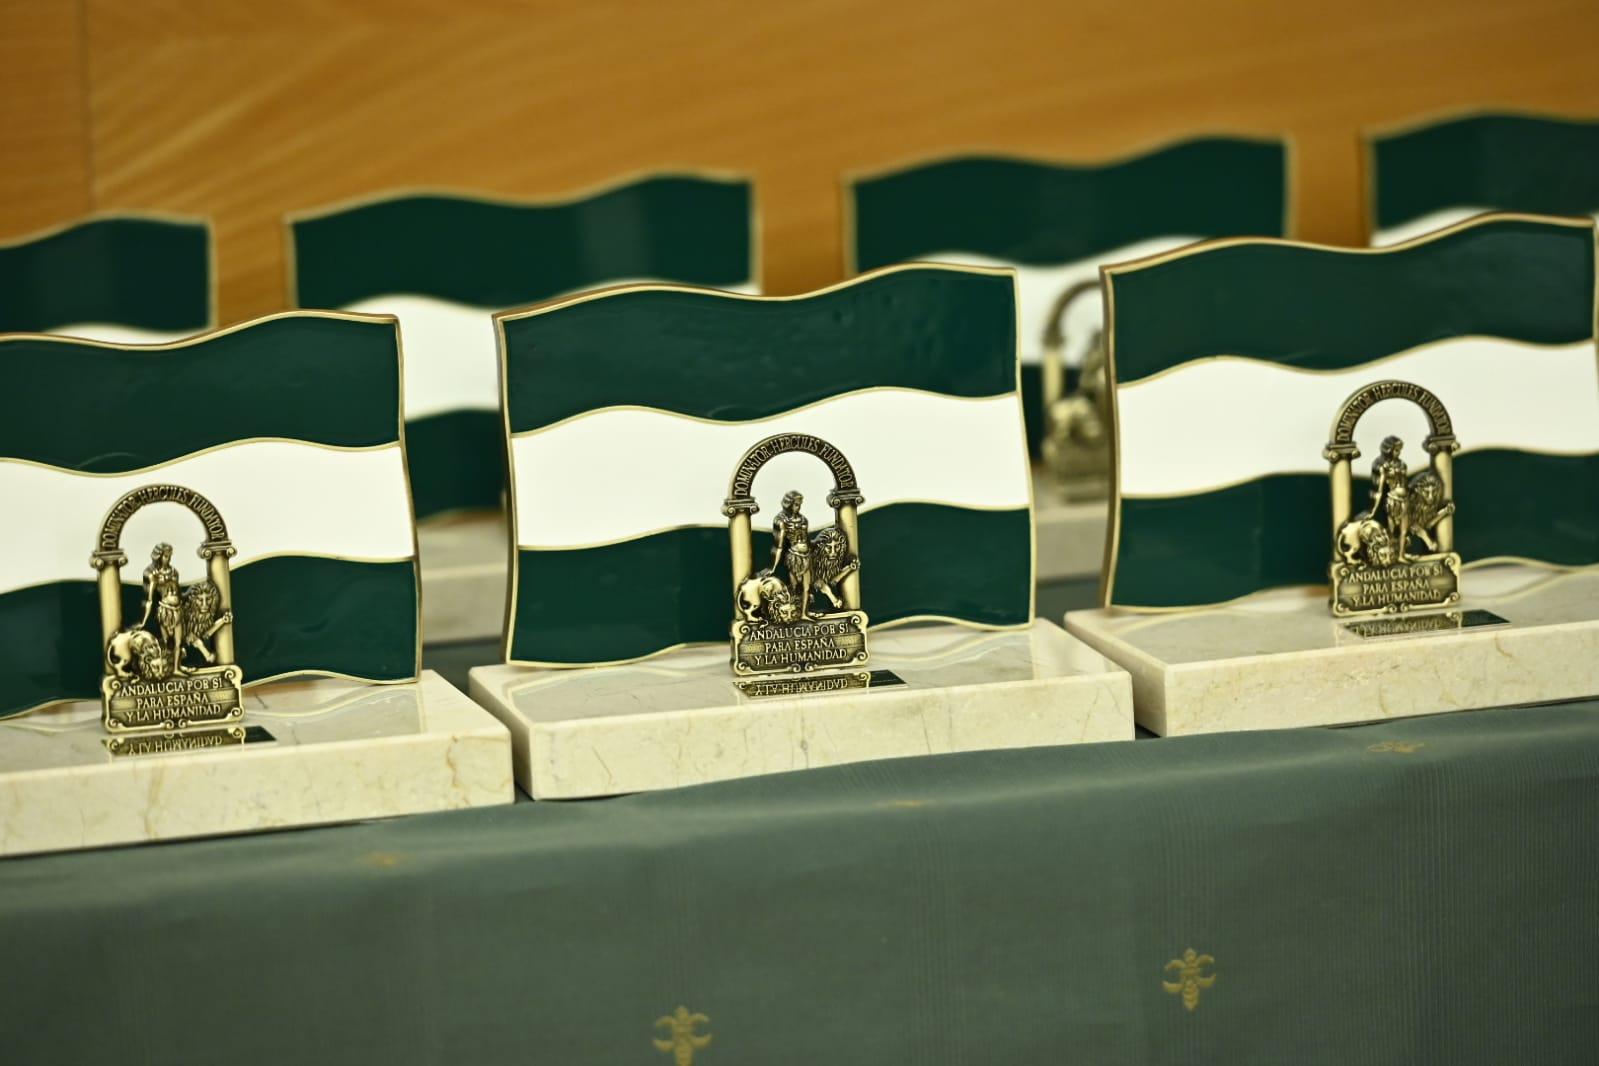 La Junta de Andalucía presenta sus diez galardonados con la Bandera de Andalucía Granada